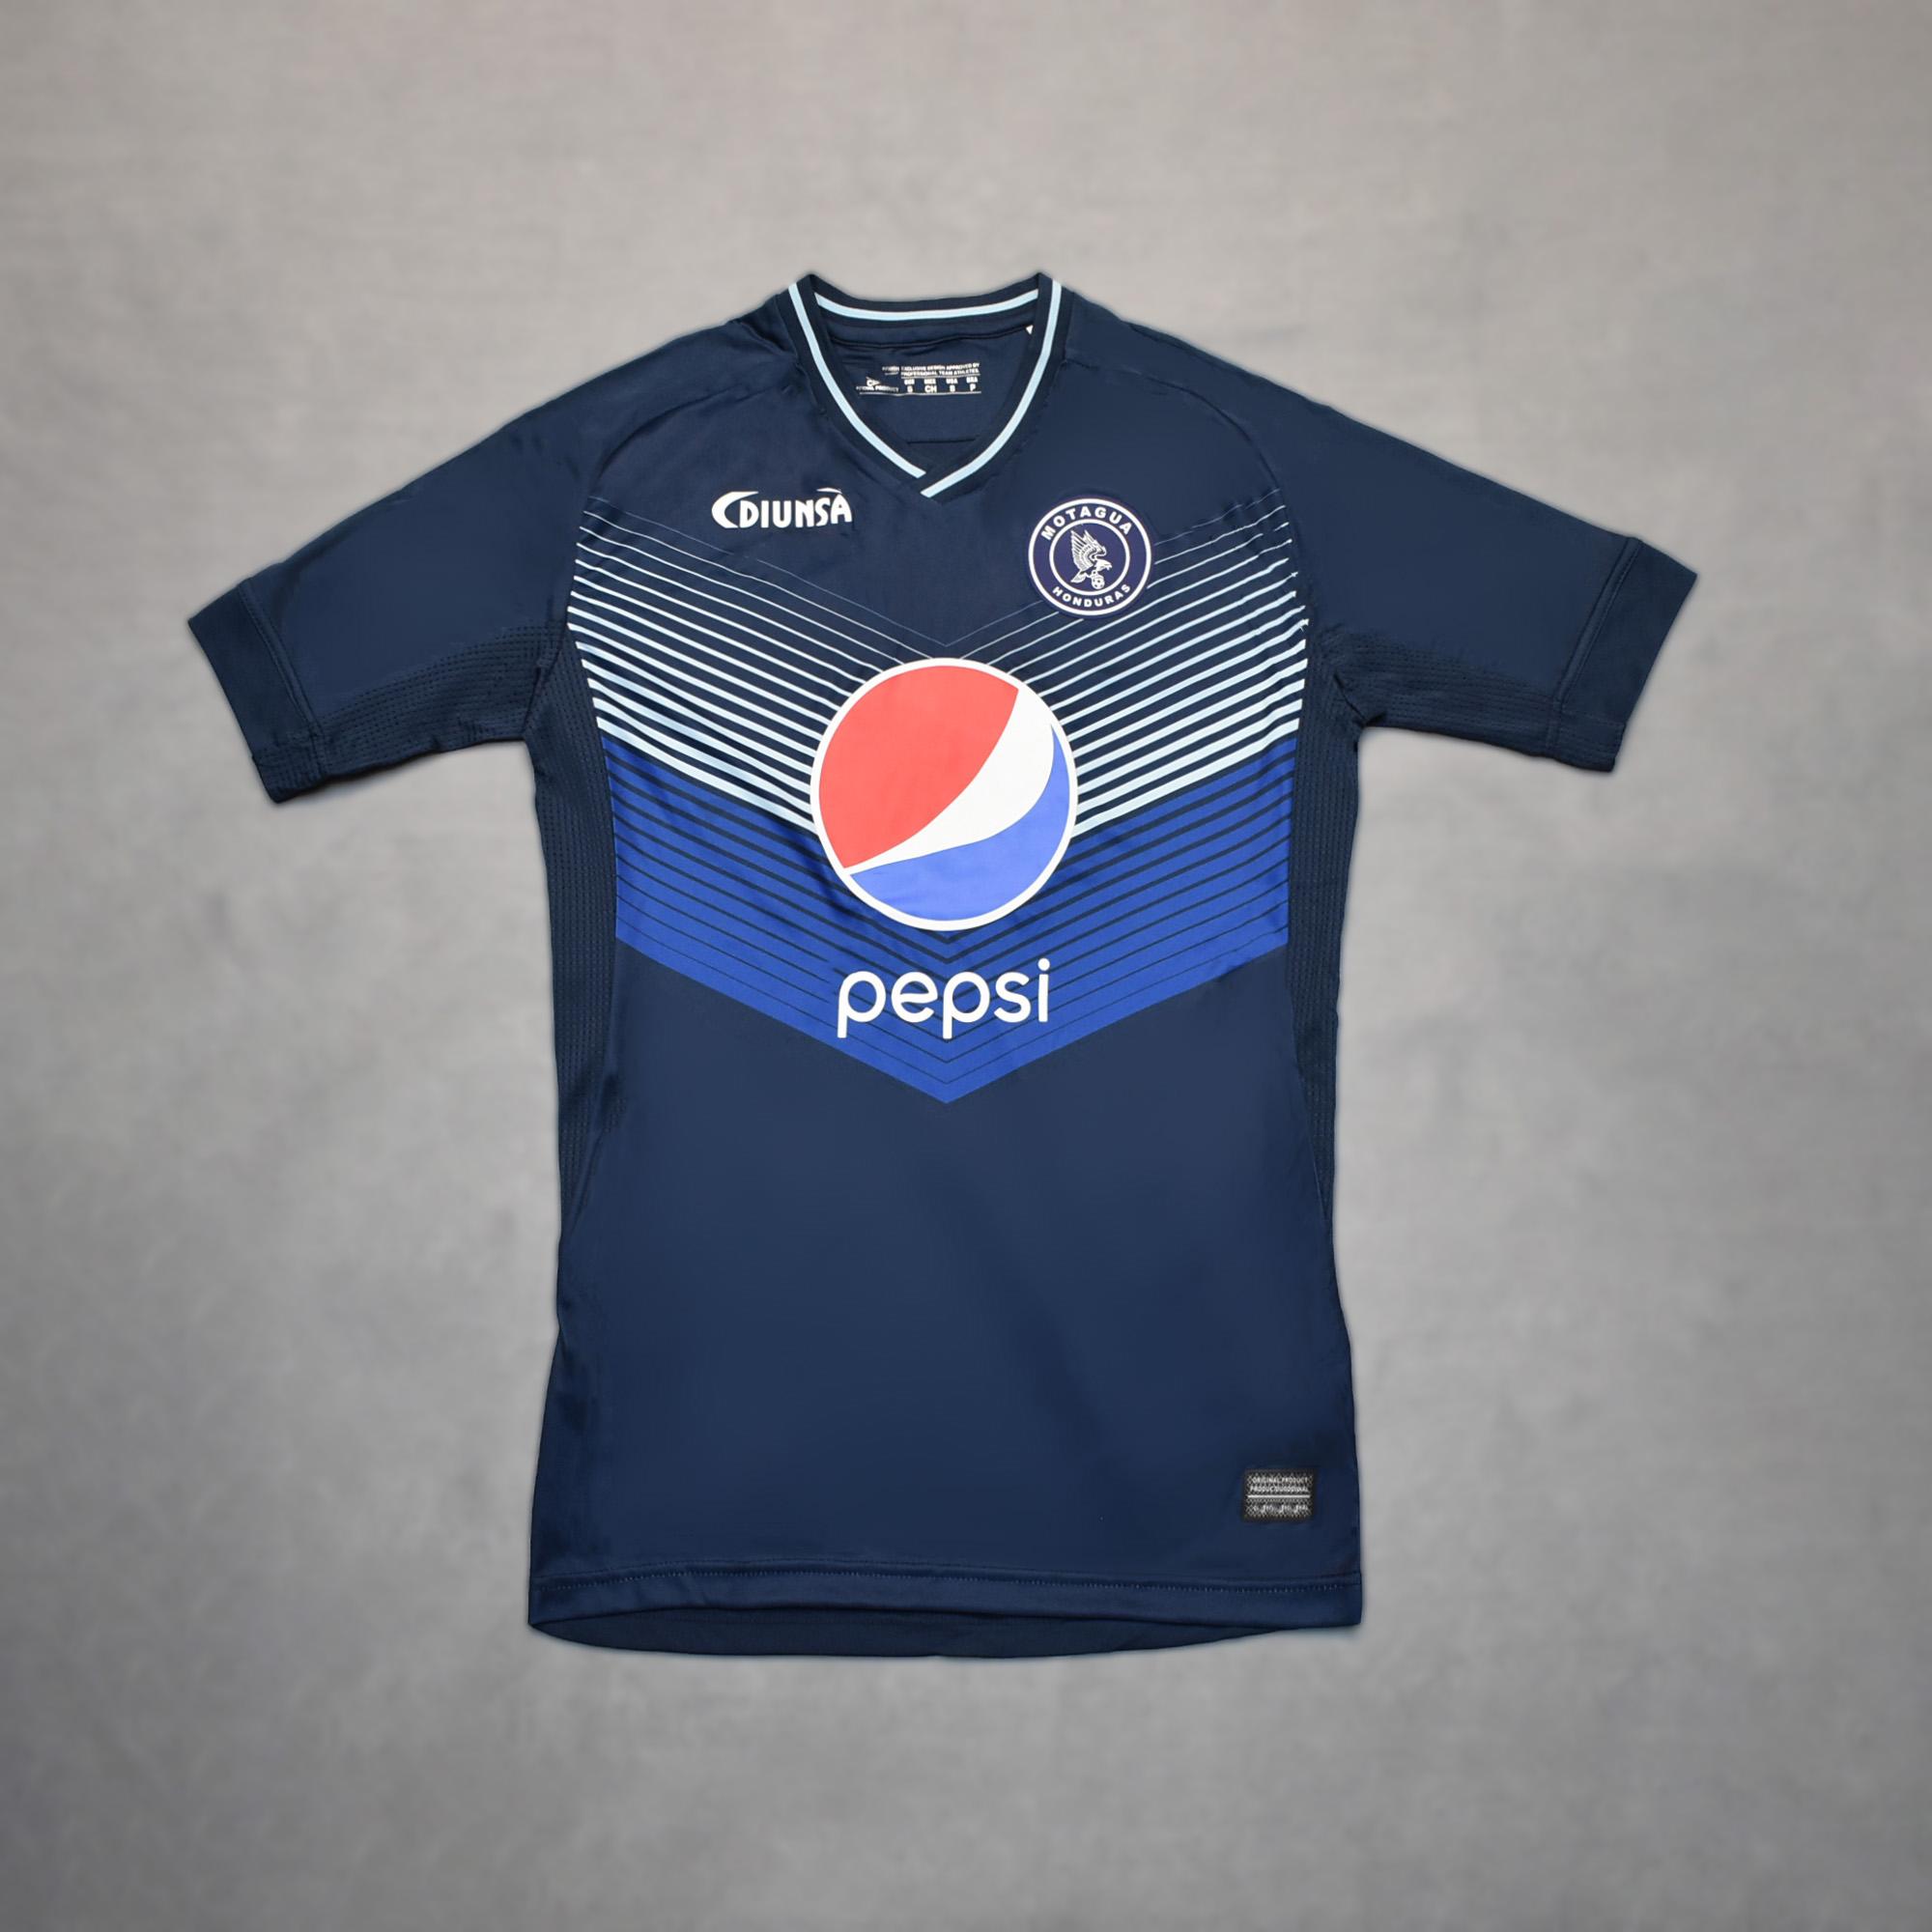 新款男士莫塔瓜运动足球服队服超薄短袖